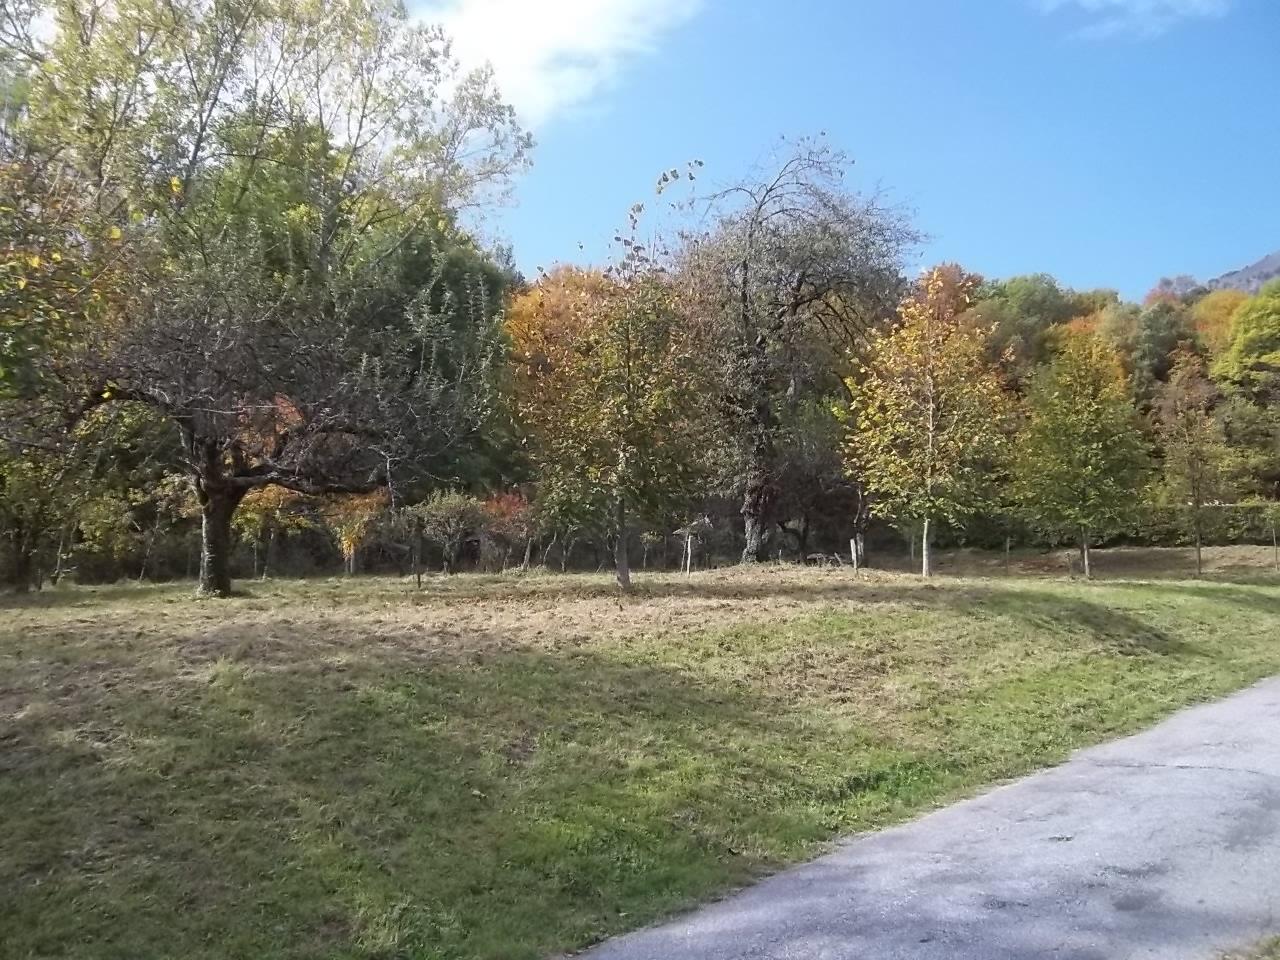 Entretien espaces verts patrick jardinage paysagiste for Paysagiste entretien espaces verts